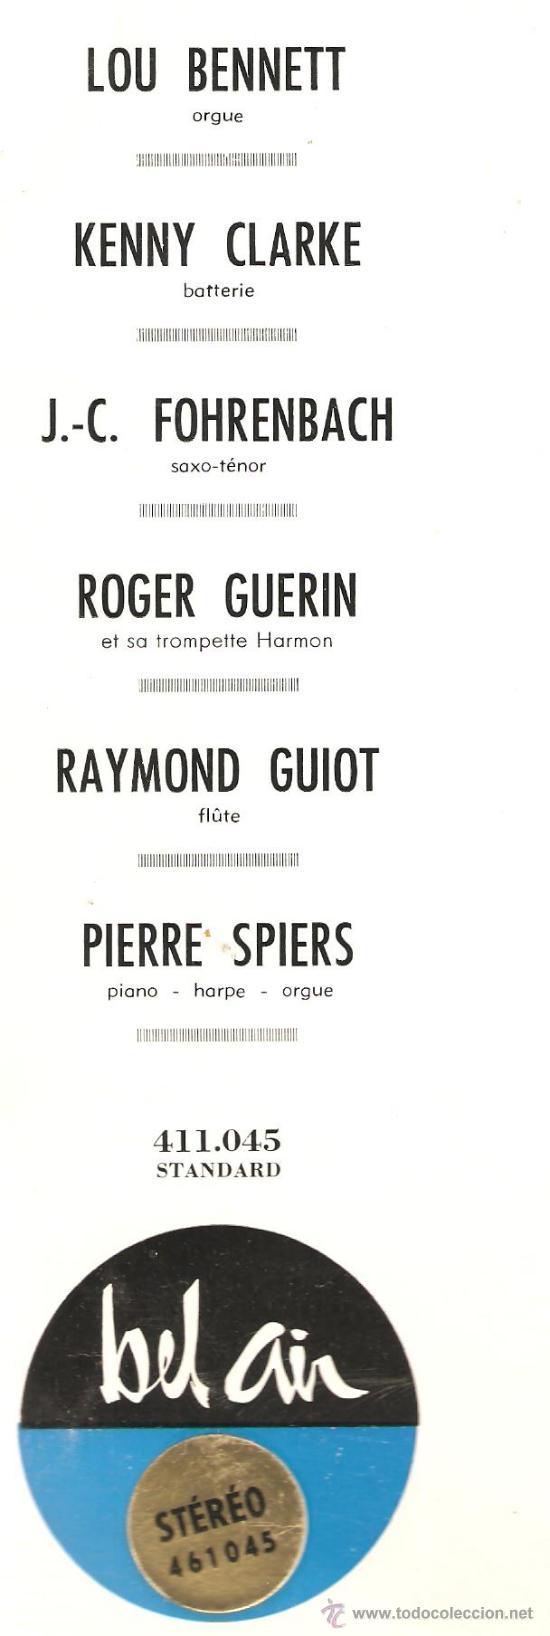 Discos de vinilo: LP MELODIES SUR L´OREILLES (MELODIC JAZZ) - LOU BENNETT, KENNY CLARK, ROGER GUERIN, PIERRE SPIERS - Foto 2 - 31883193